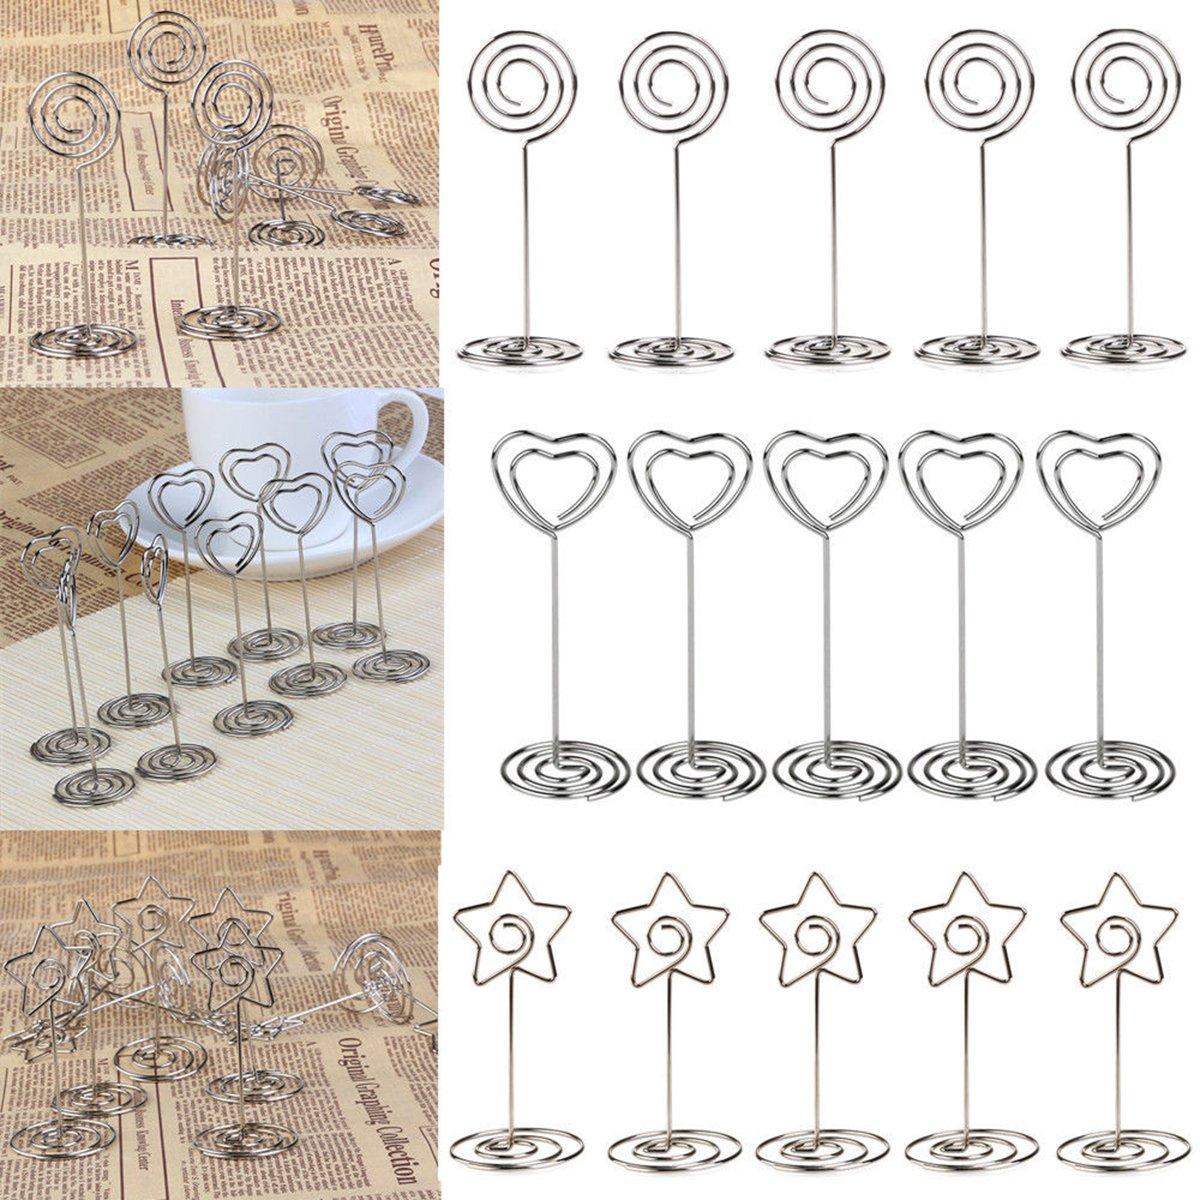 10pcs Toyvian Coloque los sujetadores del favor del banquete de boda de la forma del coraz/ón de la forma del coraz/ón plata